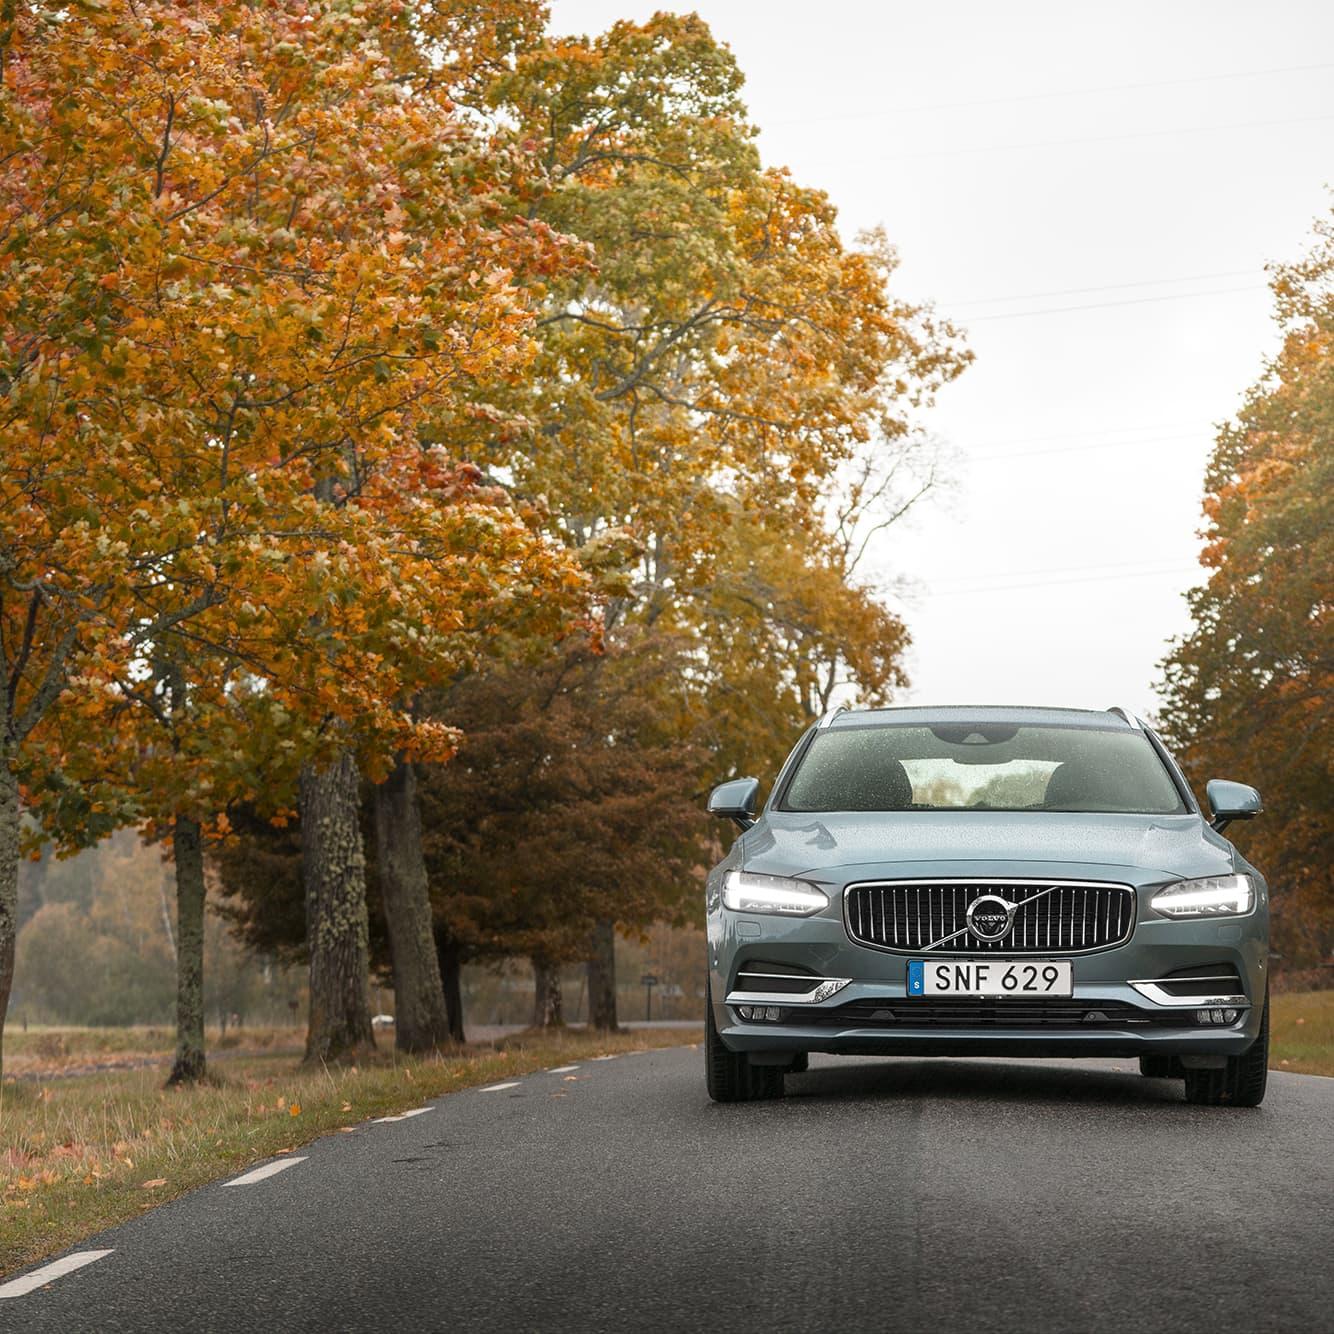 Den nya fronten på Volvo signalerar pondus och självförtroende. Lyktorna fram har LED-ljus formade som torshammare på Volvos egna språk.